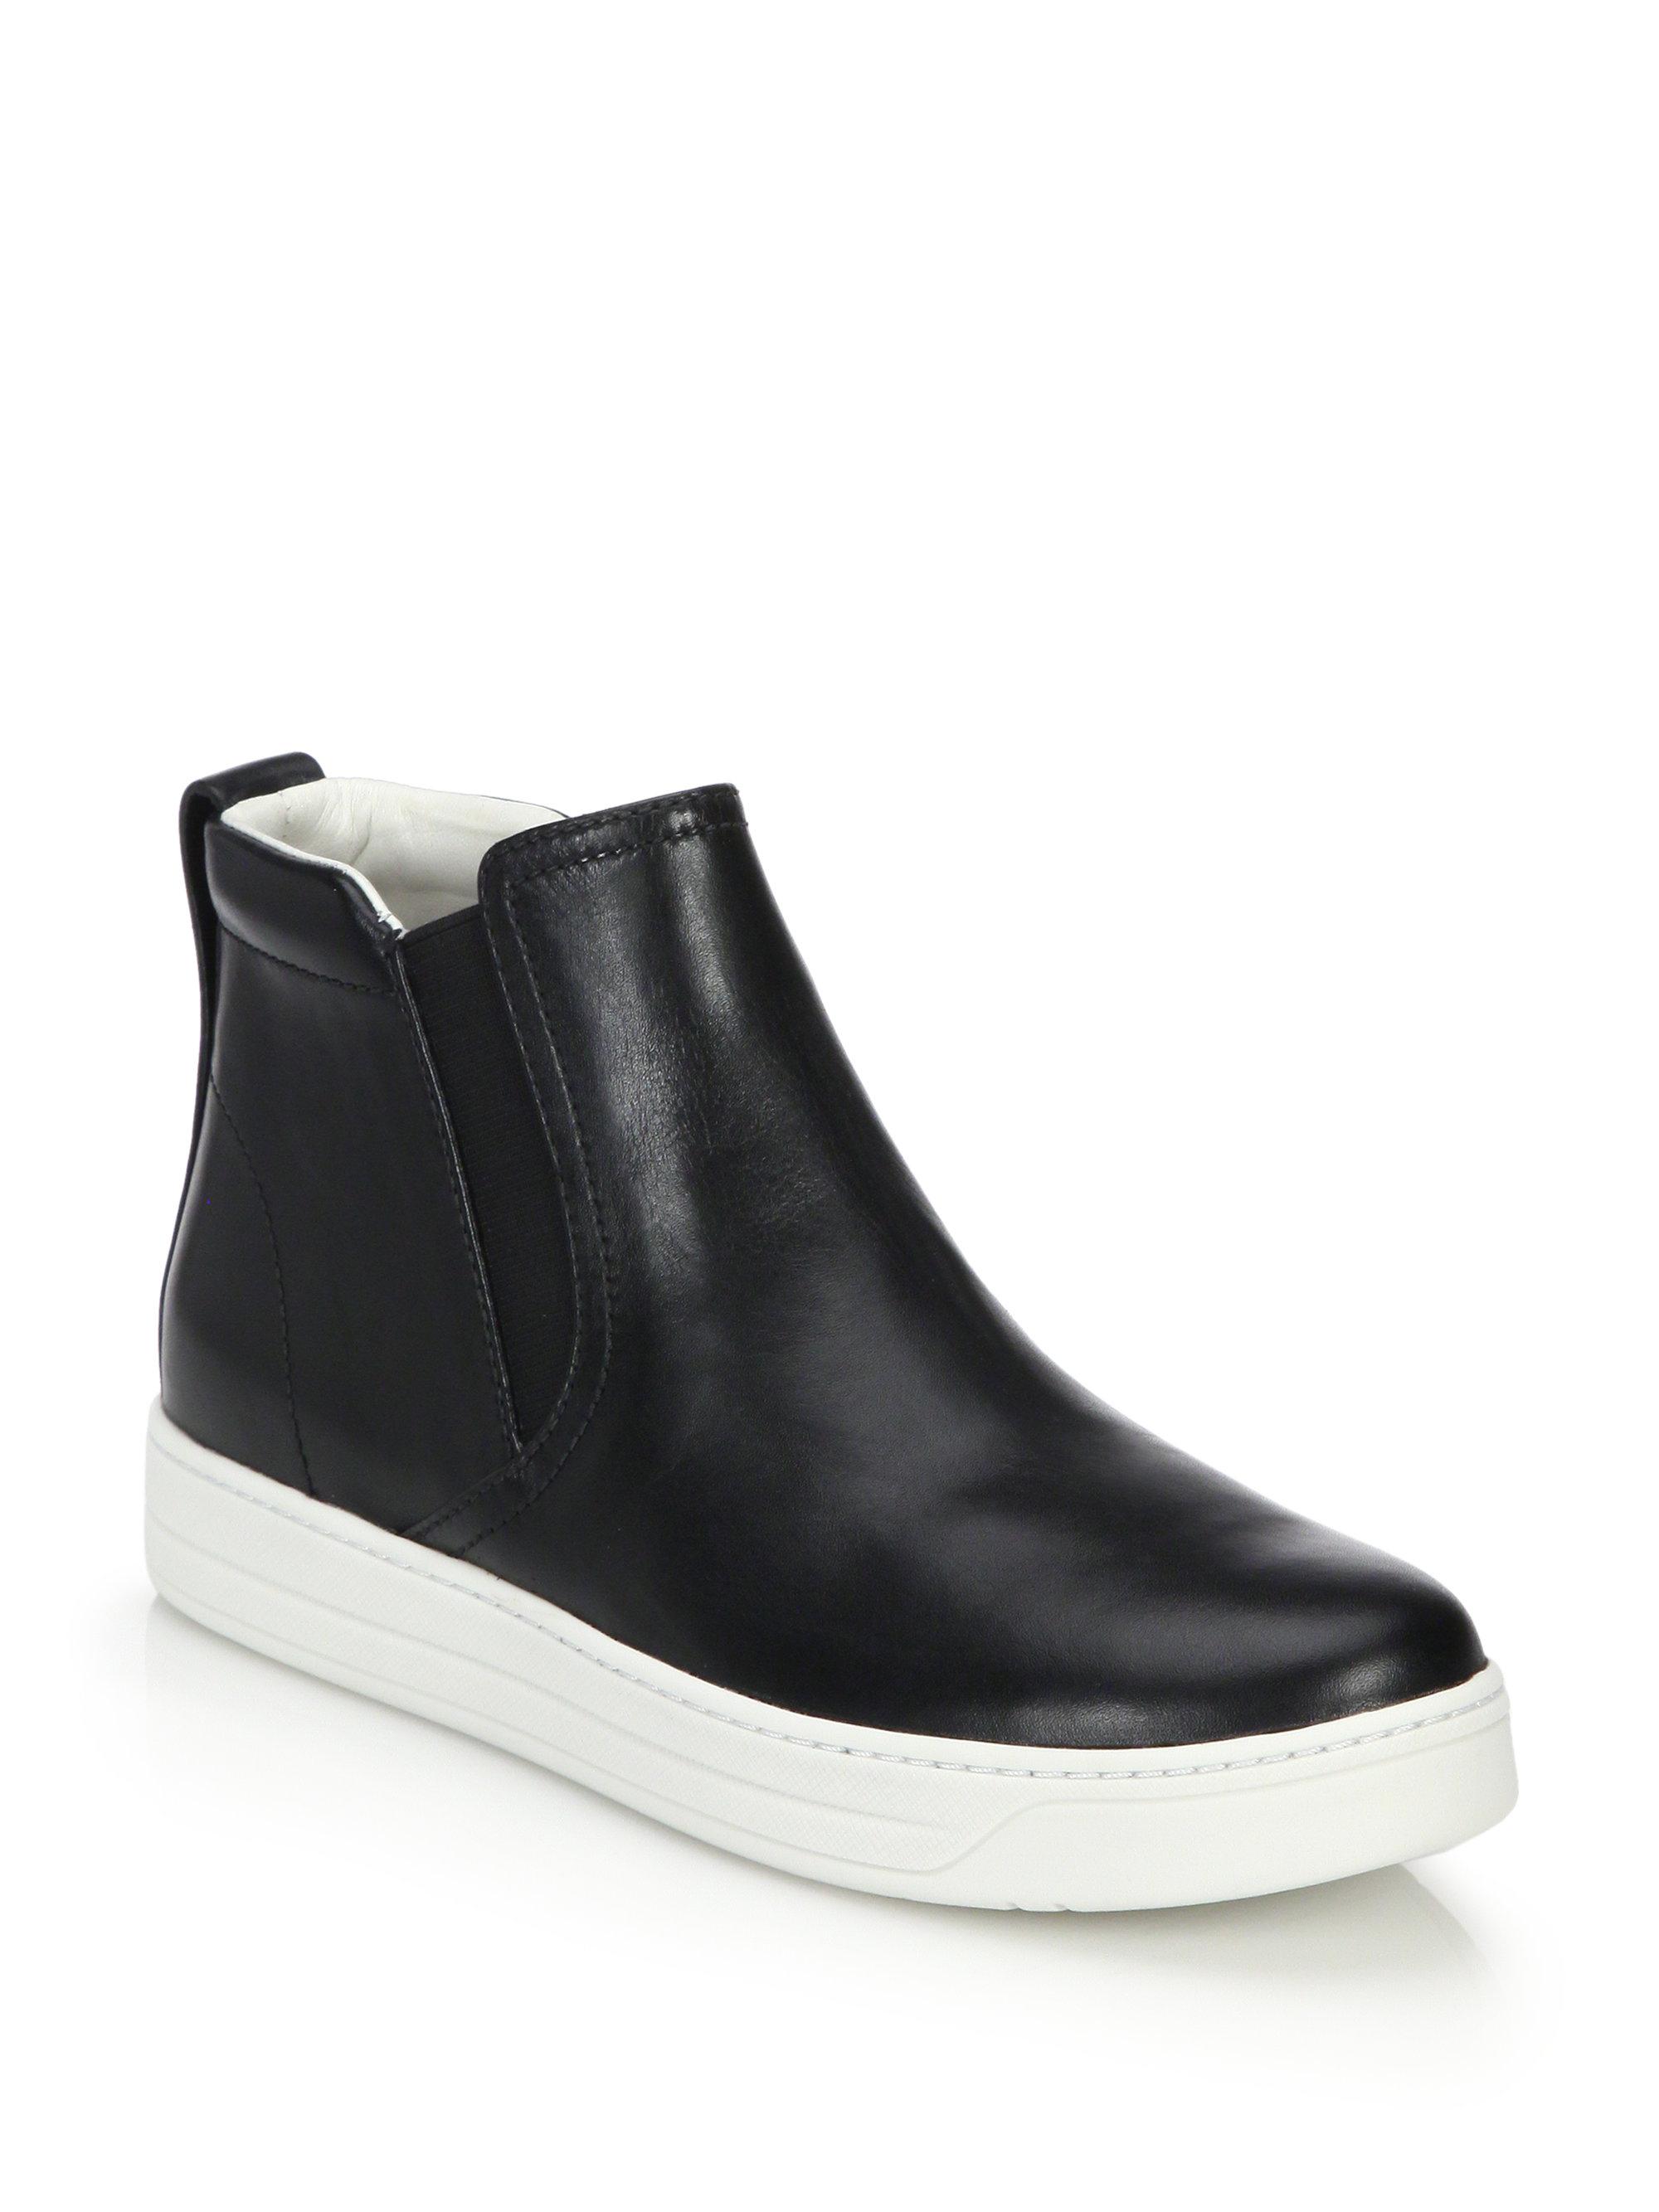 Prada High-Top Leather Skate Sneakers In Black - Lyst-1119